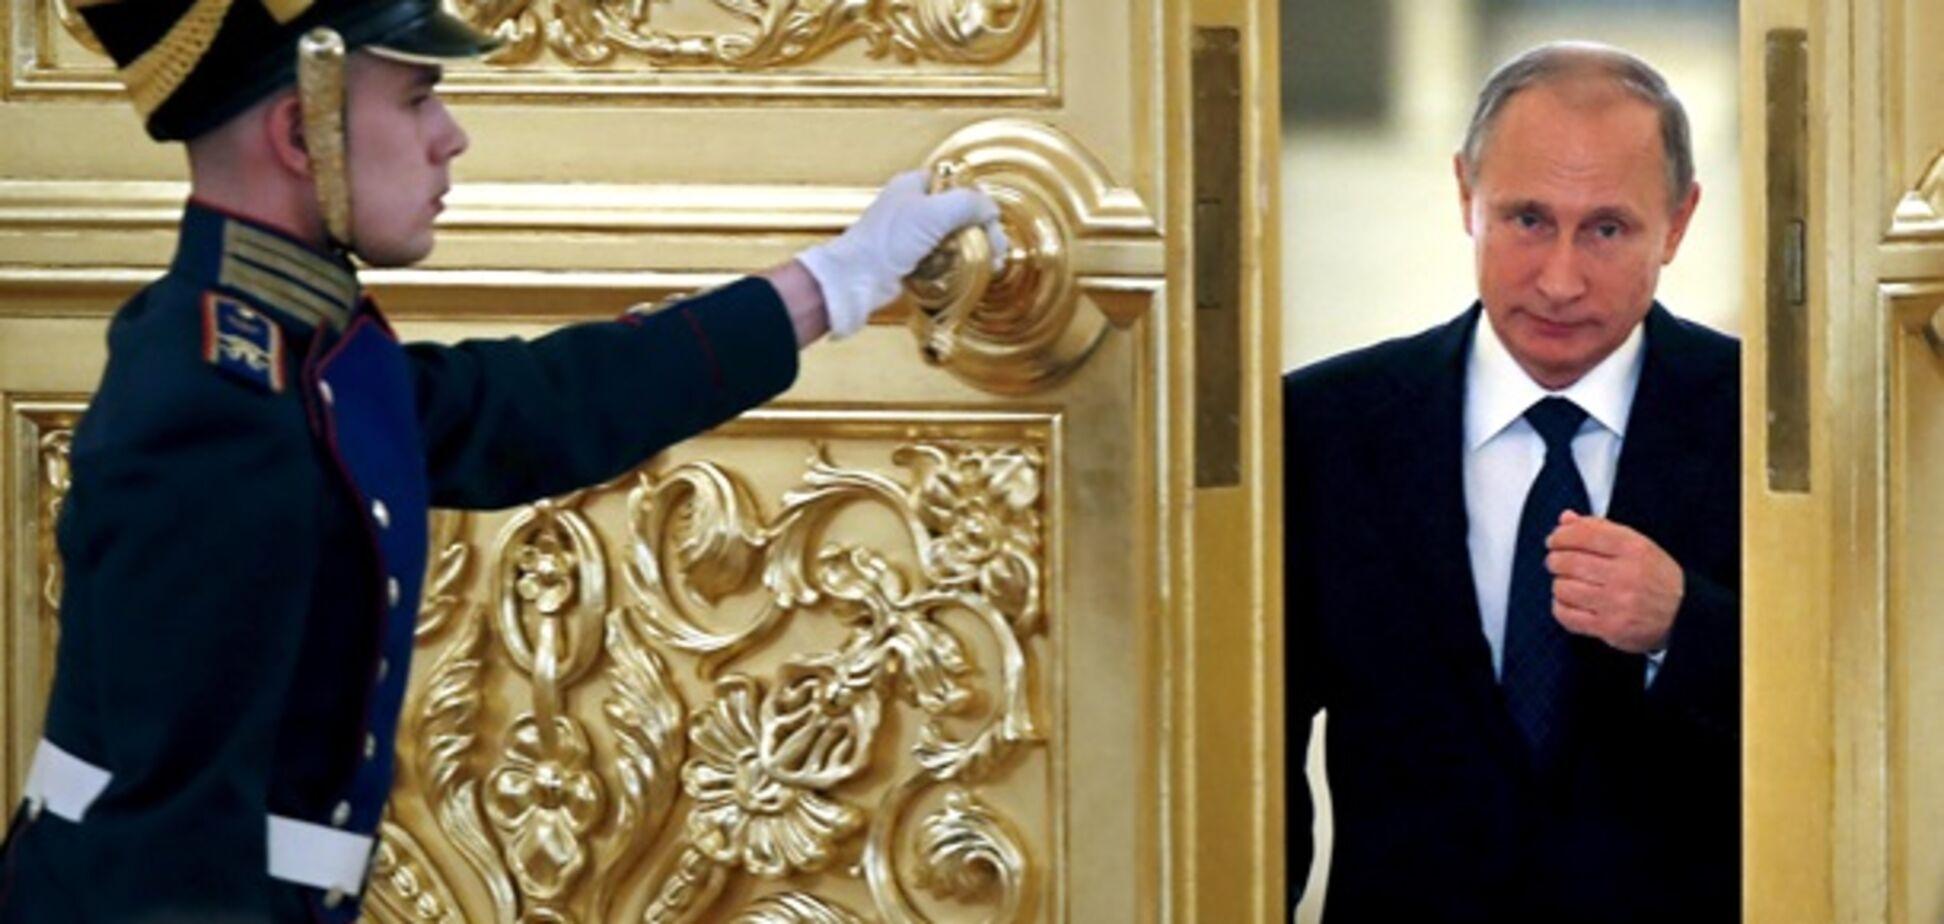 Путін царюватиме в Росії аж до смерті